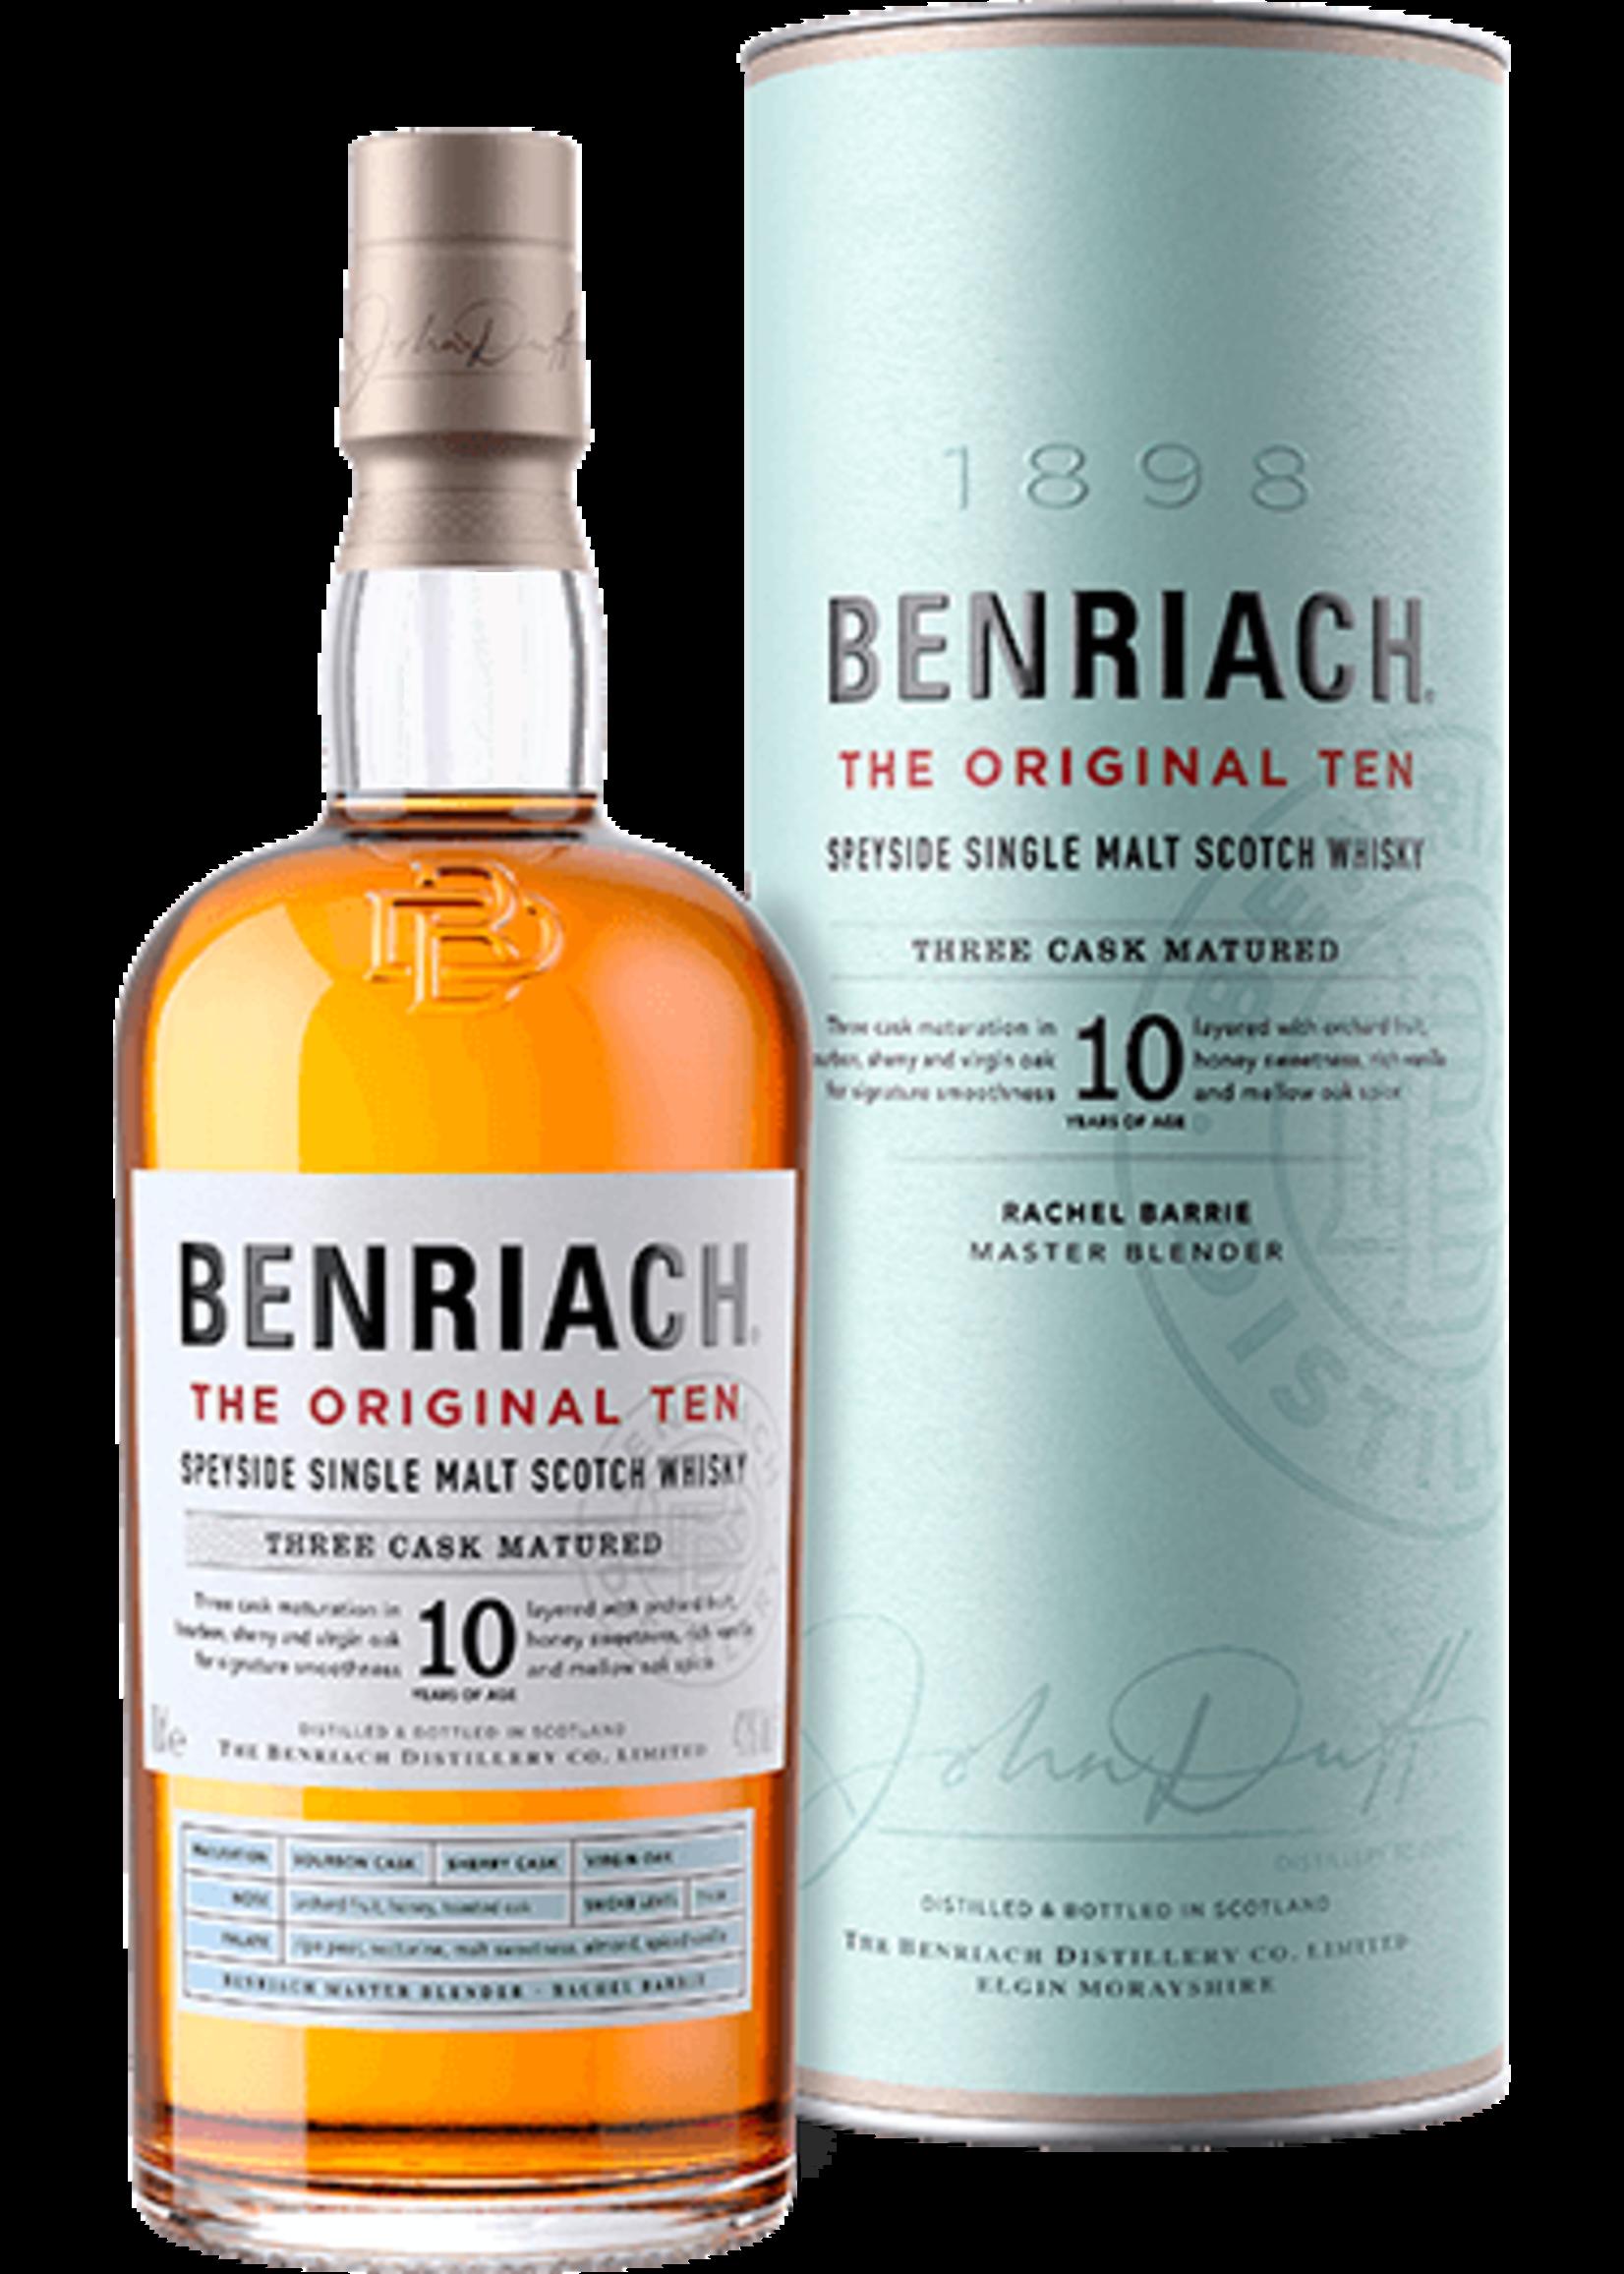 Benriach BenRiach / Original 10 Single Malt Scotch / 750mL